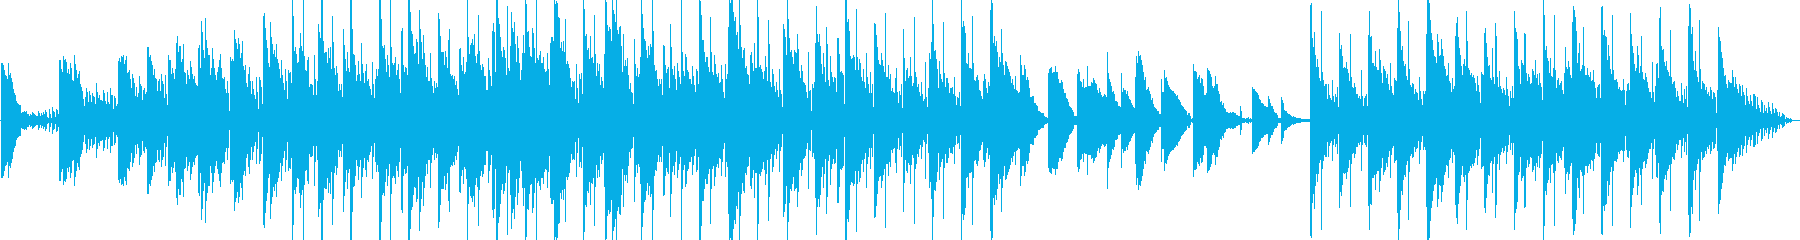 ブルー、ソフト、ロマンチック、ナイトリーの再生済みの波形